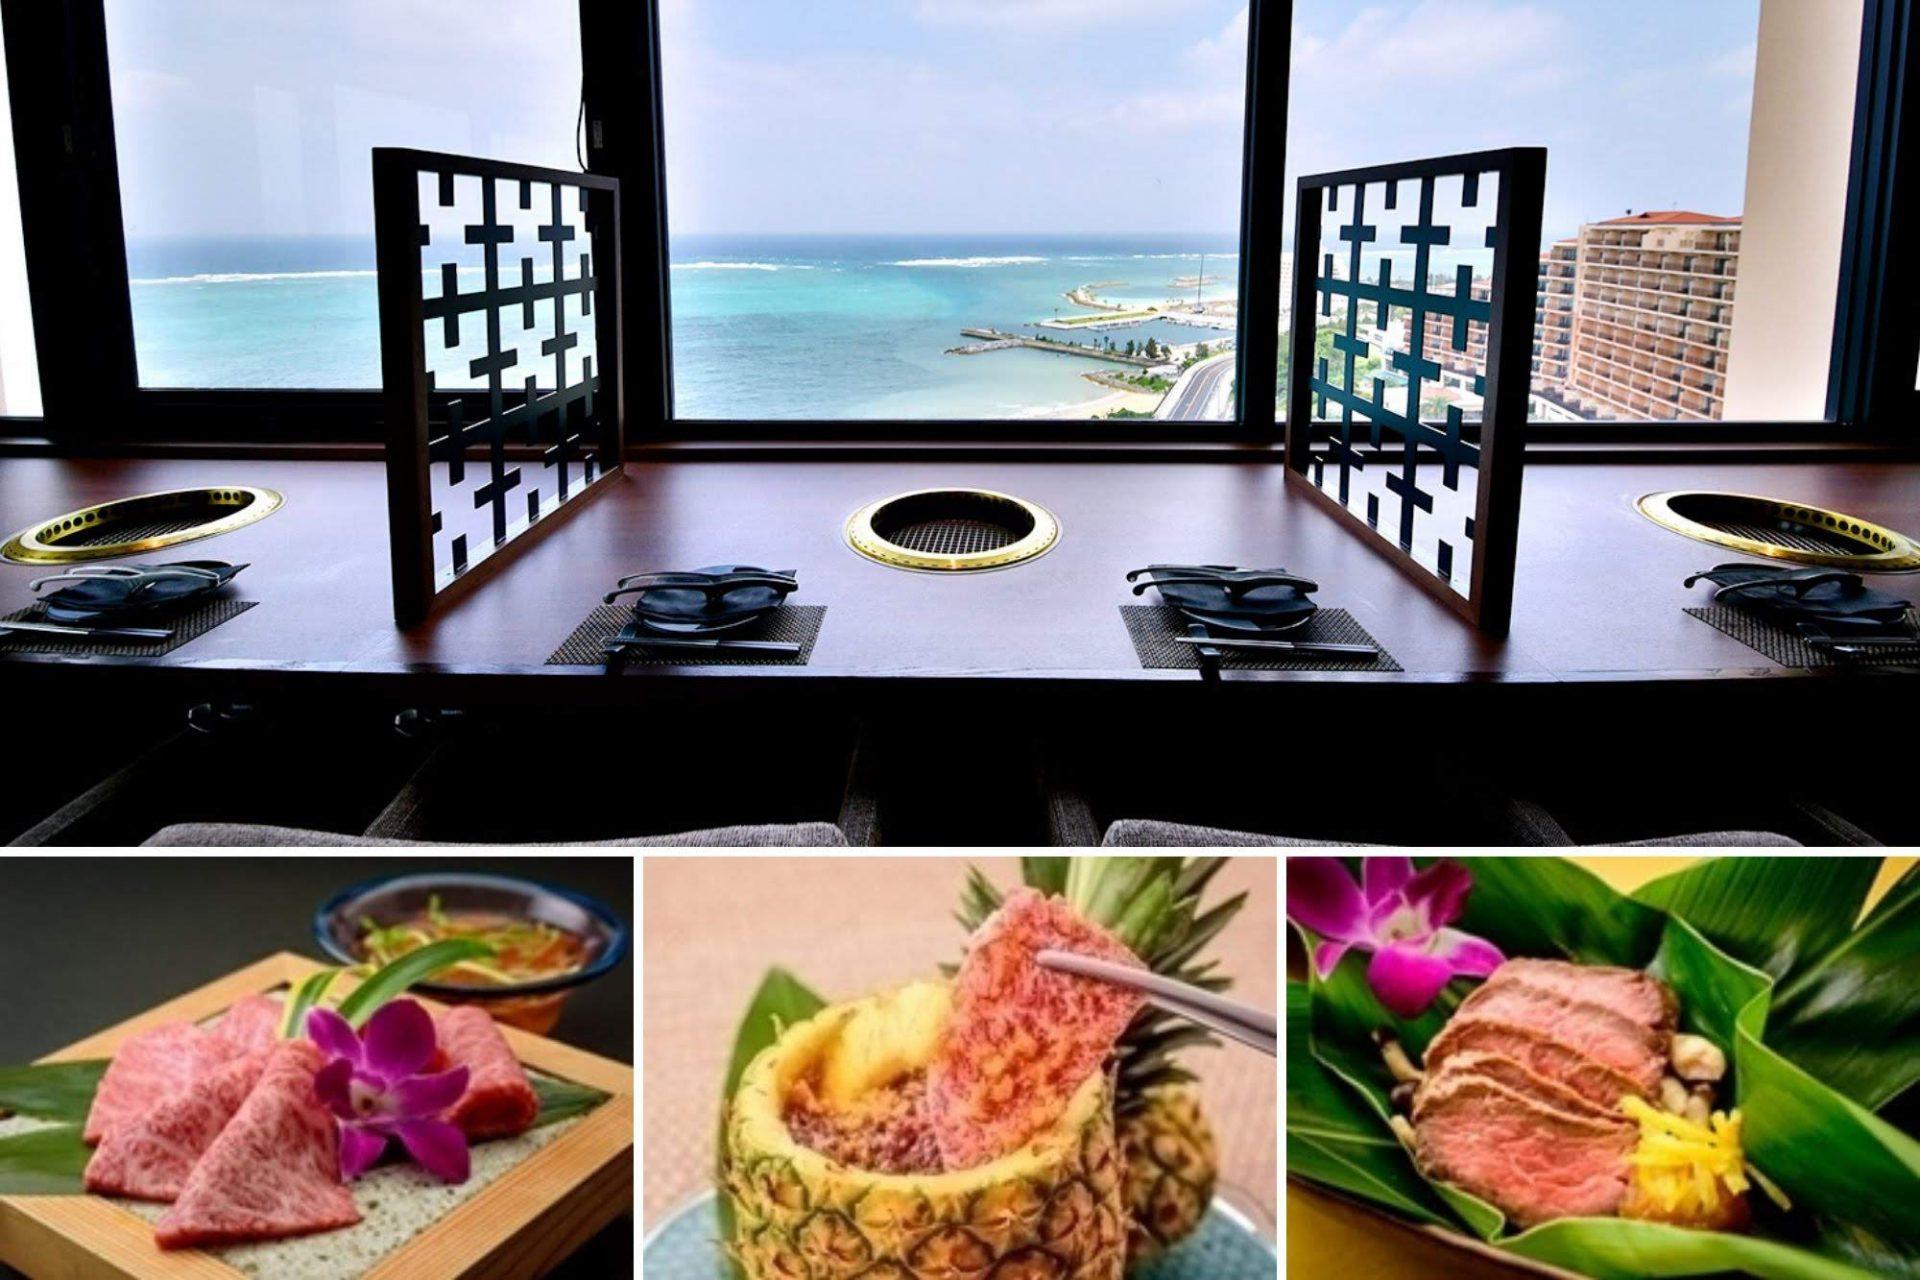 カフー リゾート フチャク コンド・ホテル 沖縄 ホテル ディナー